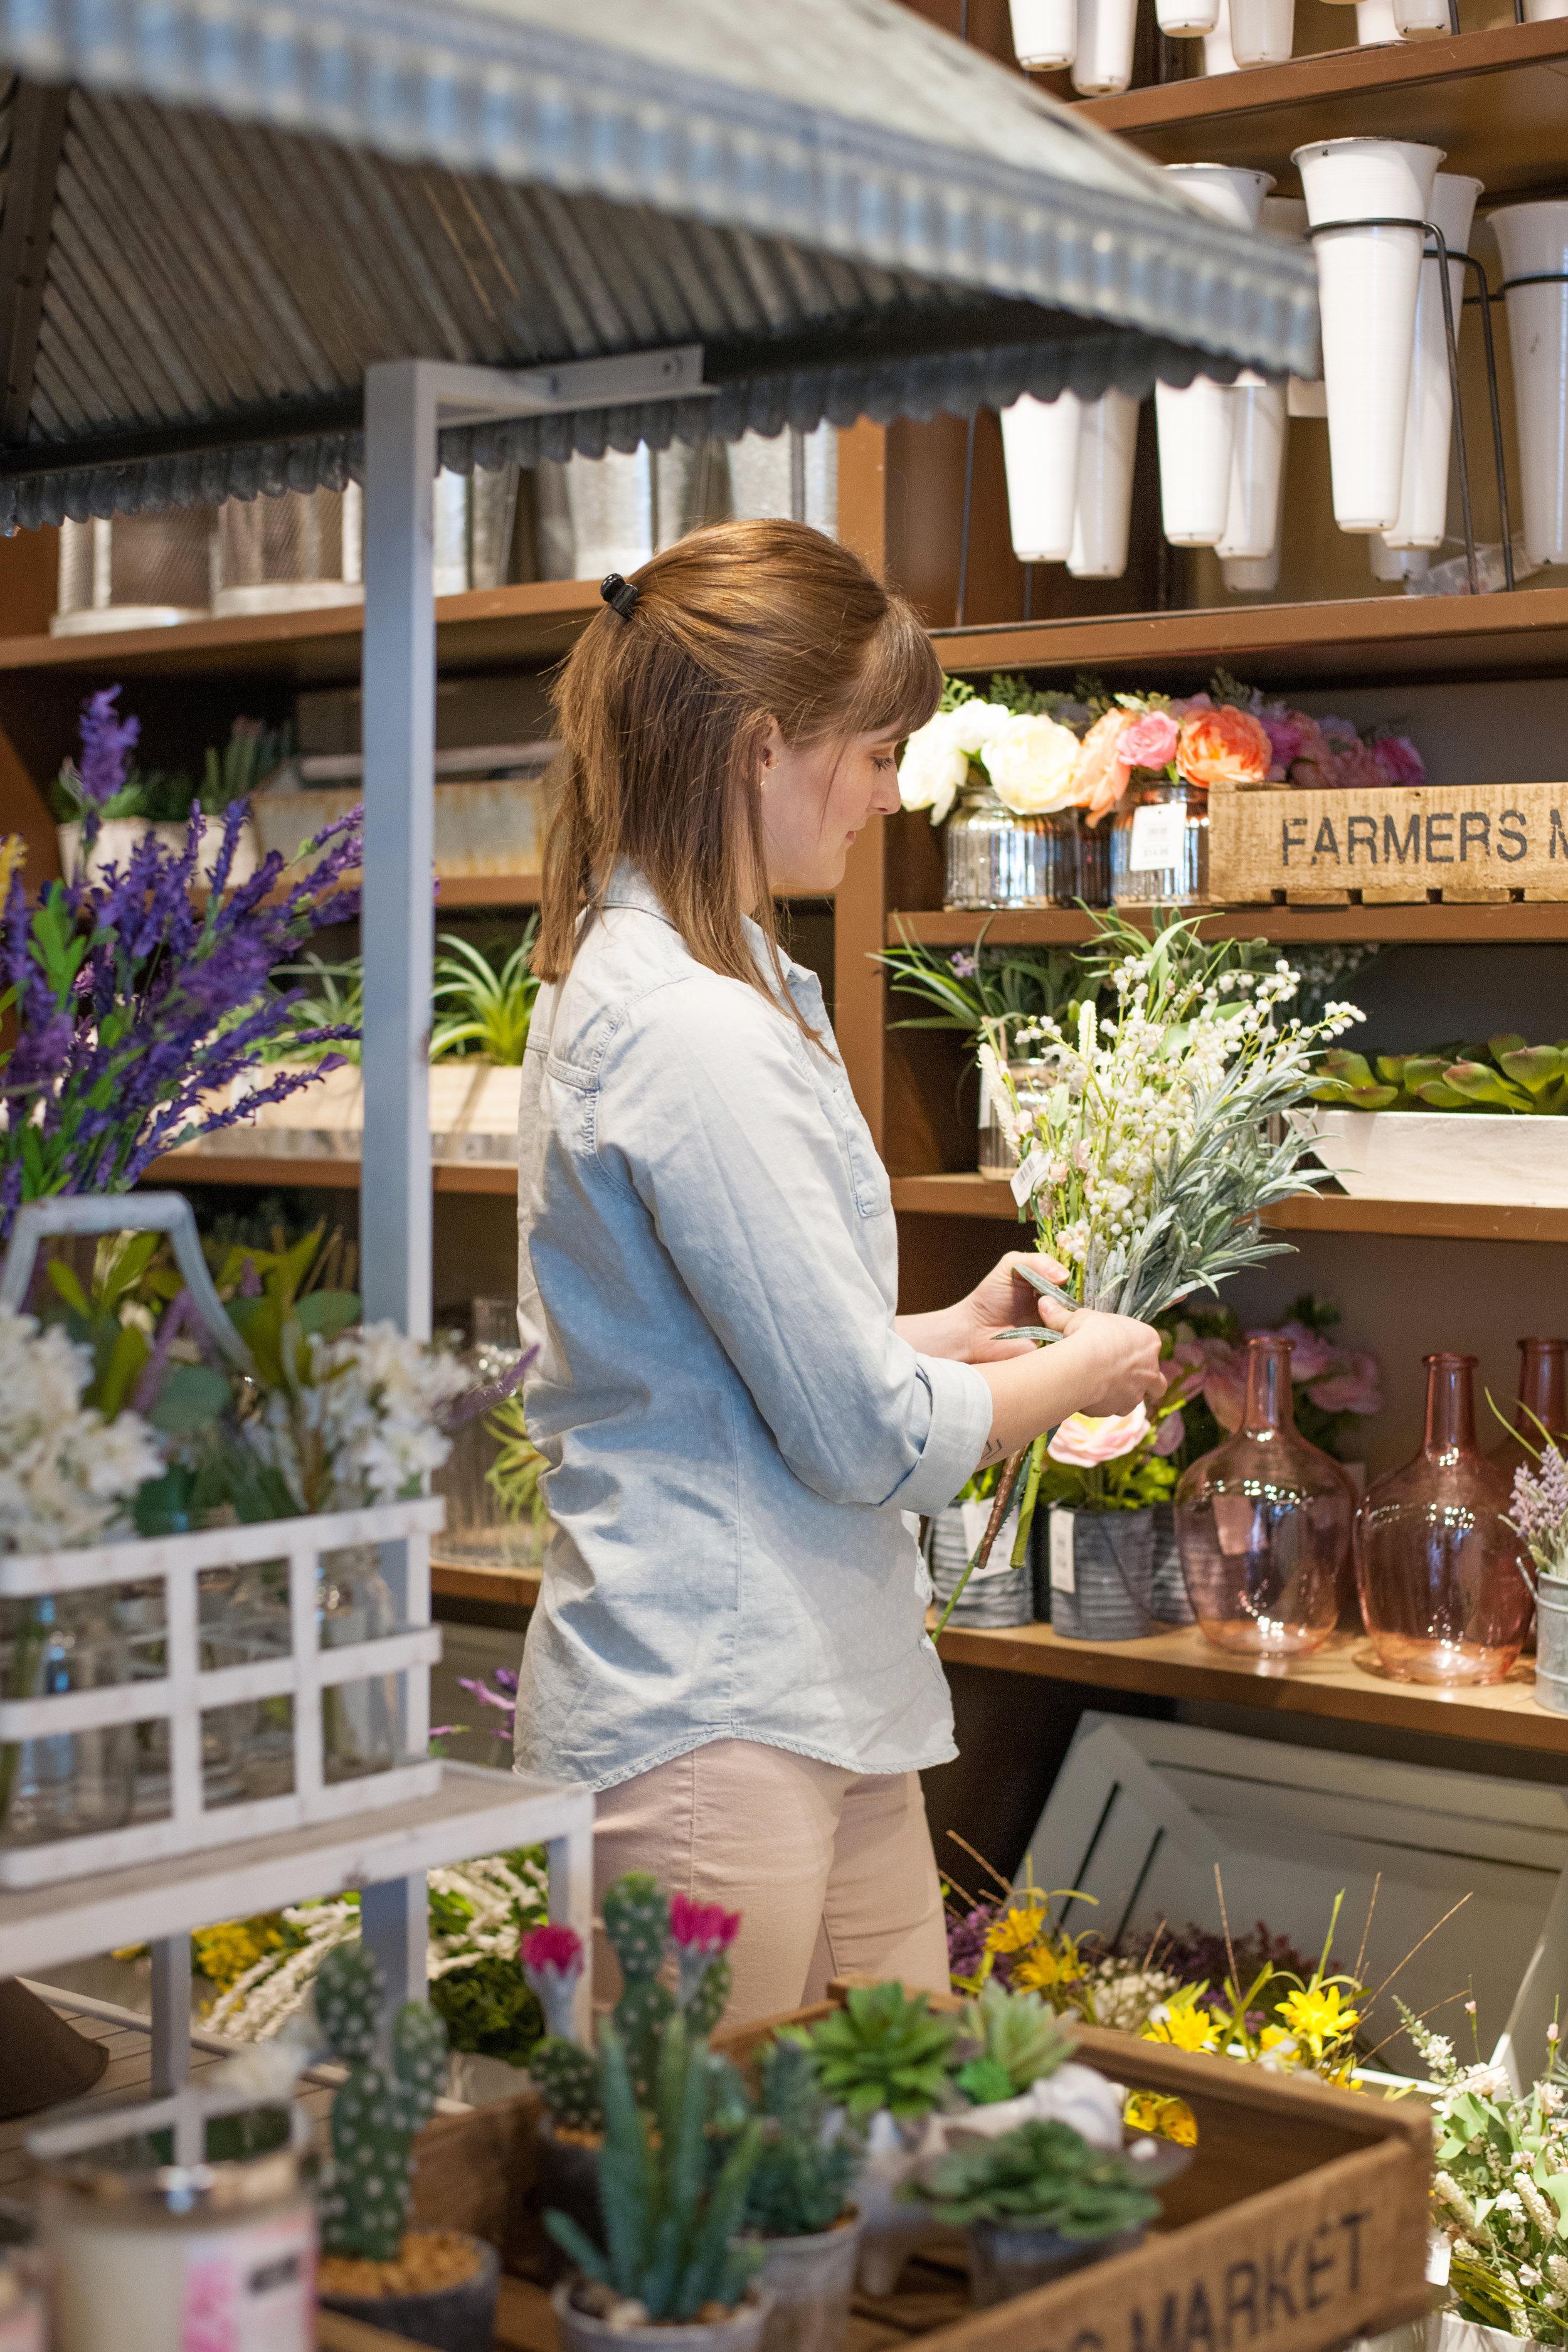 FlowerMarket_Social-2.jpg